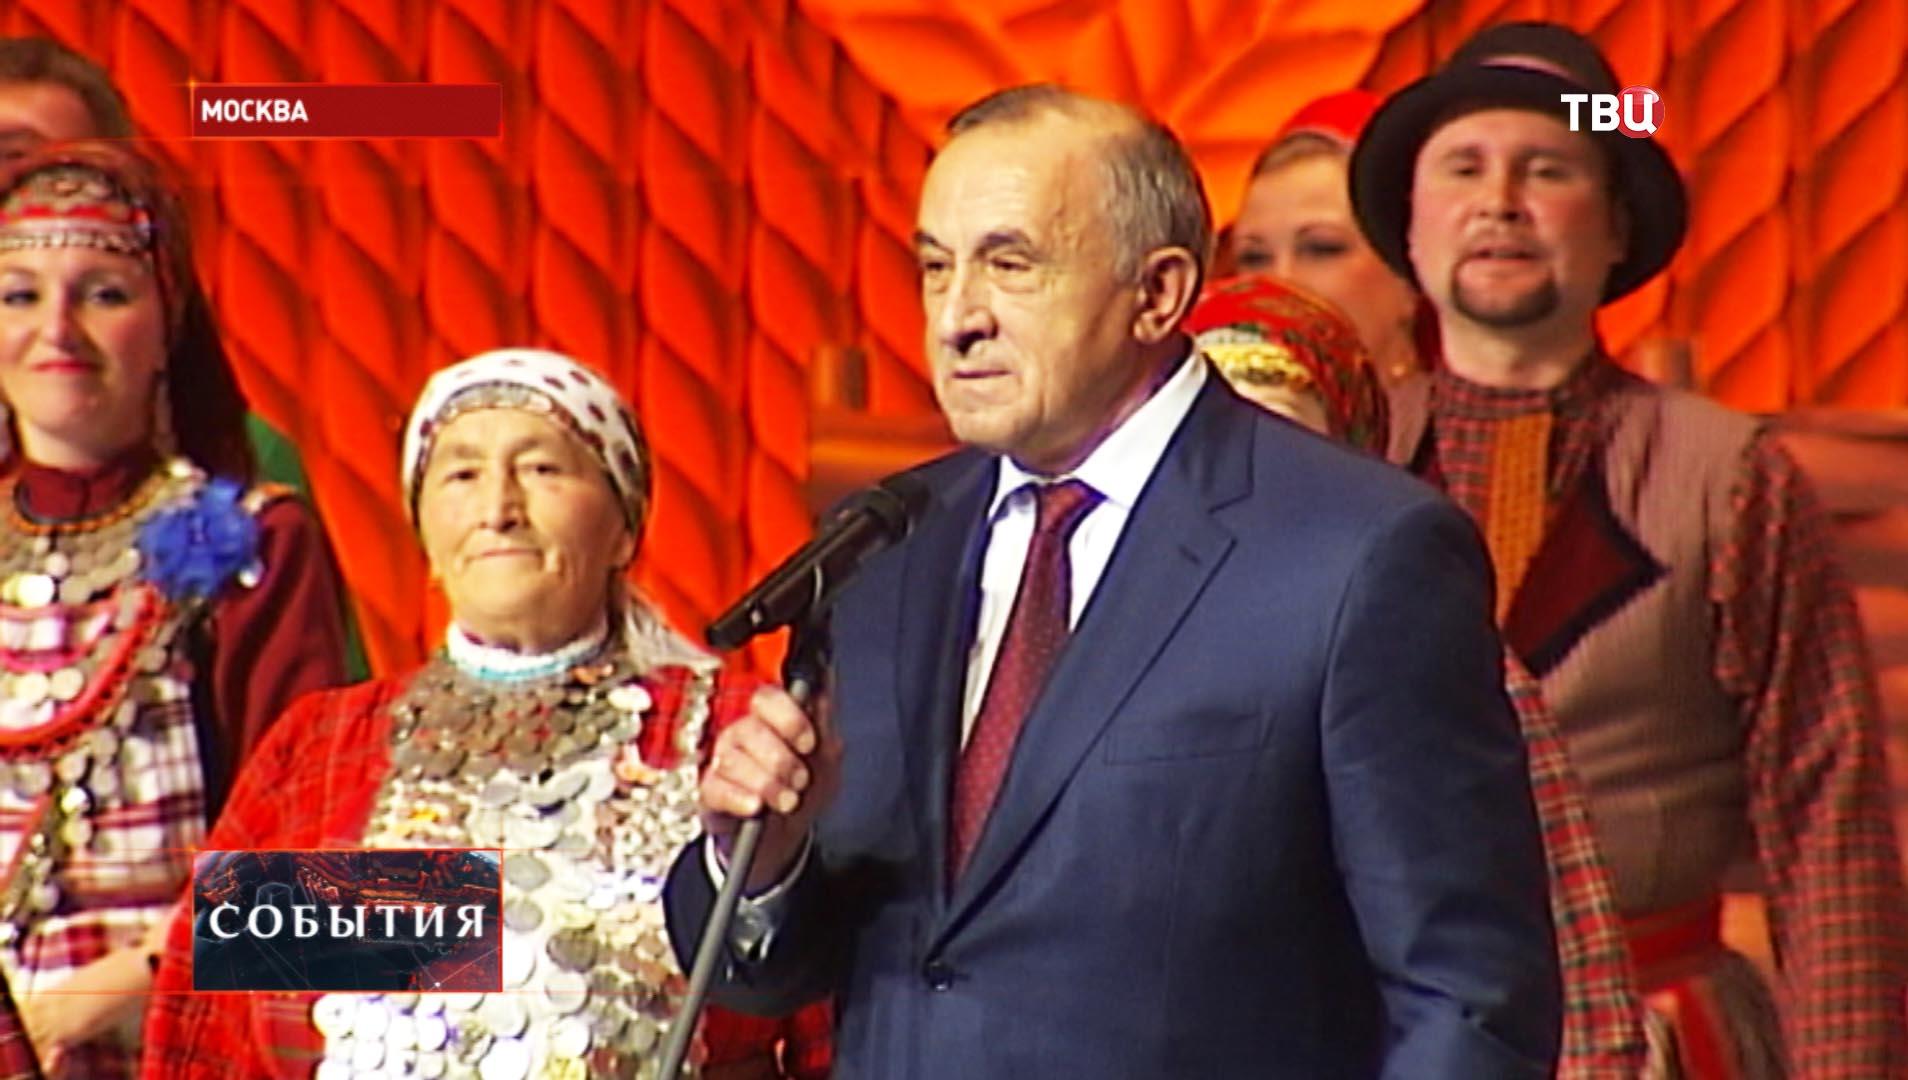 Глава республики Удмуртия Александр Соловьев